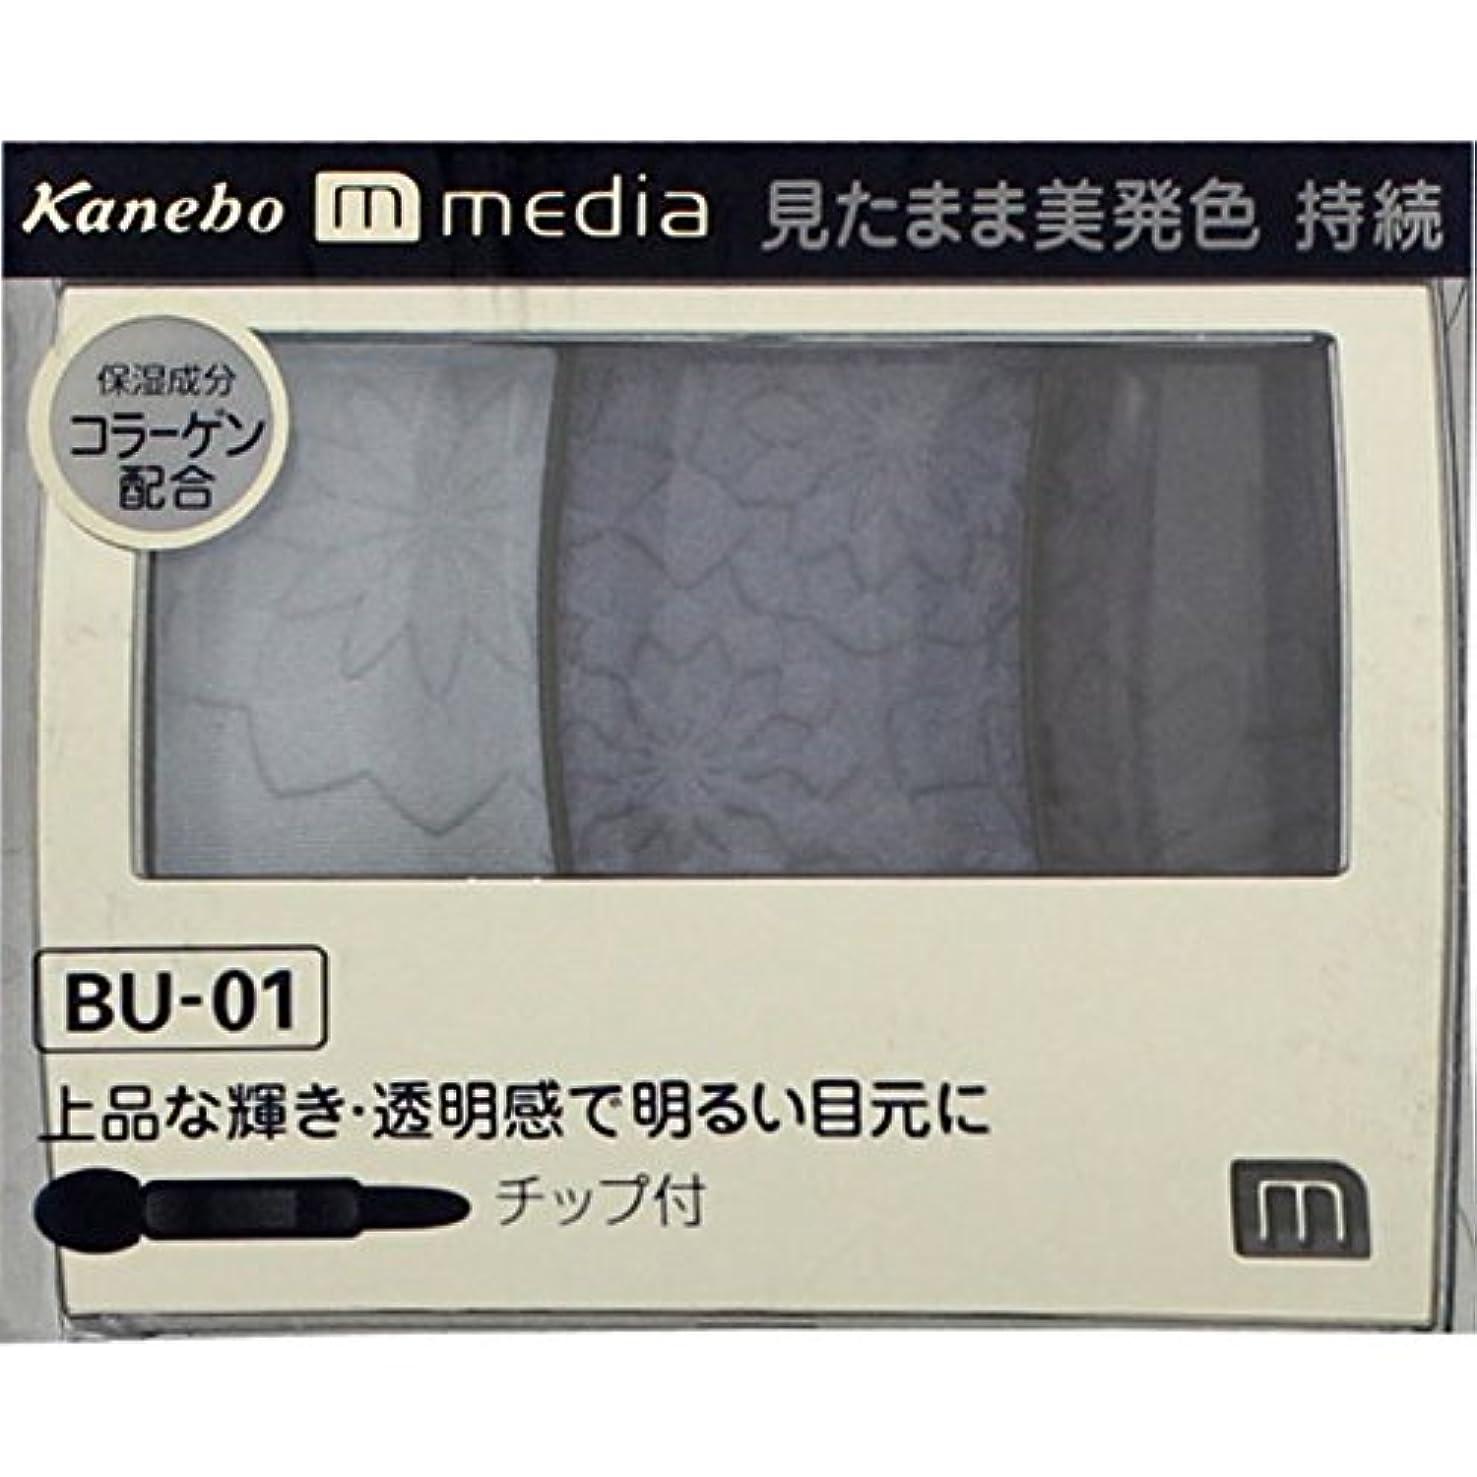 尽きる壊れた限界【カネボウ】 メディア グラデカラーアイシャドウ BU-01